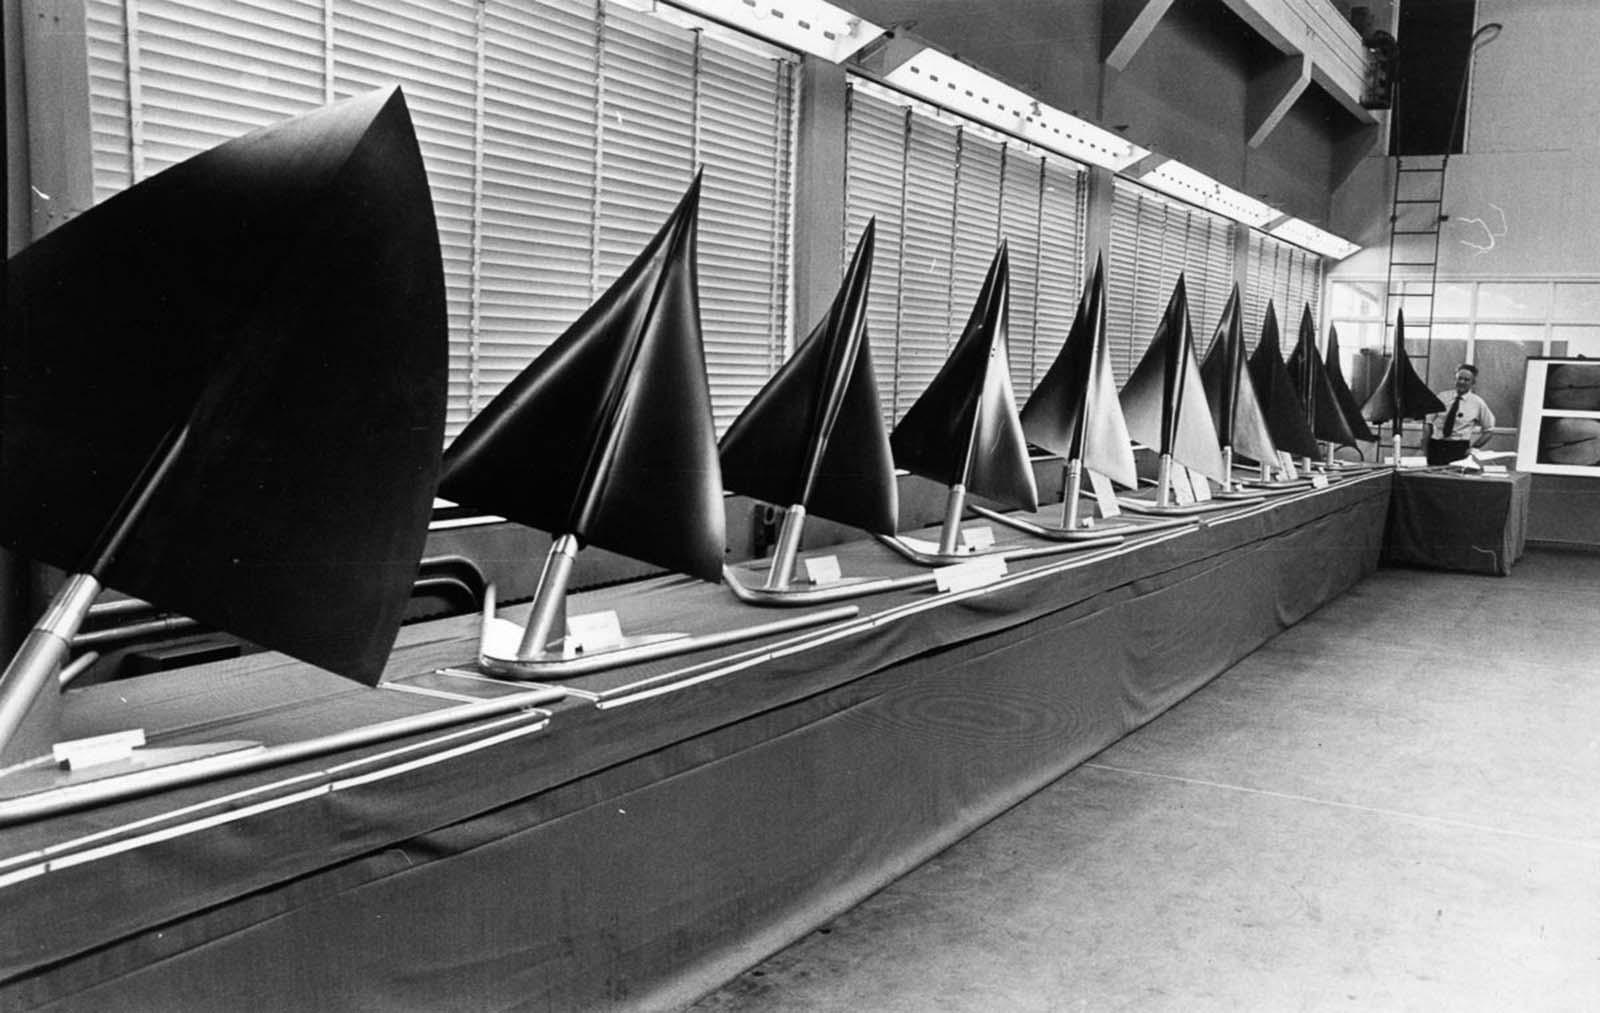 A Concorde alakjára javasolt különféle minták modellsorozata, a sor végén a lehetséges kiviteltel.